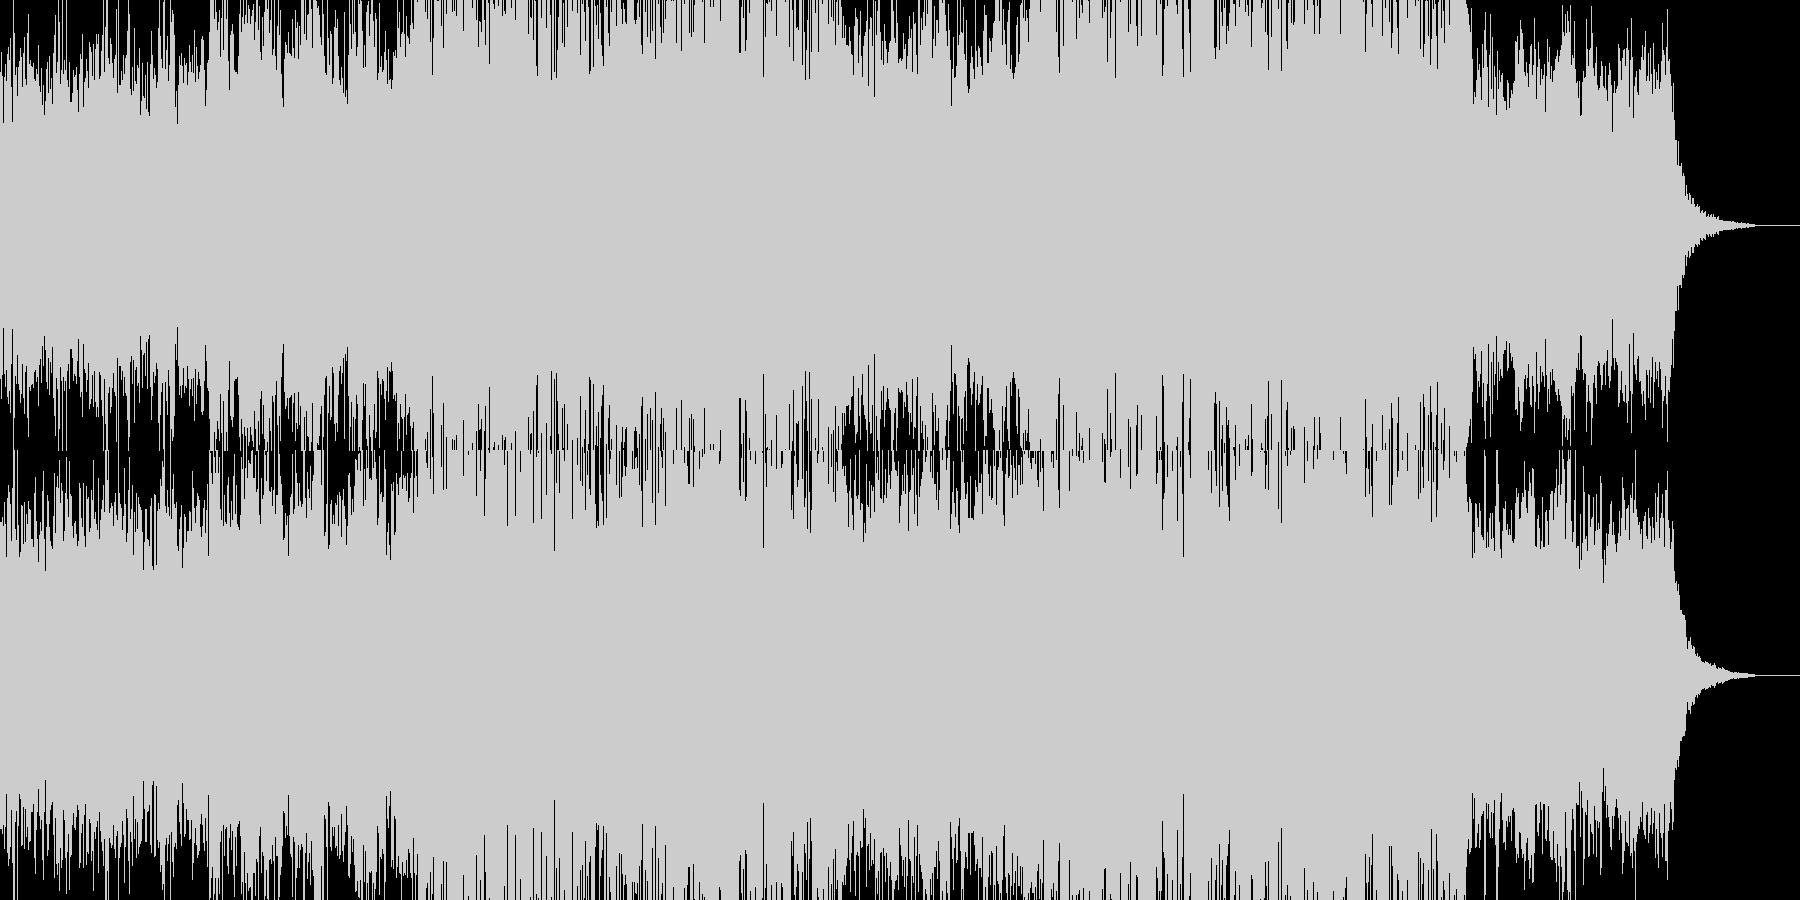 希望を感じるエンディングをイメージした曲の未再生の波形